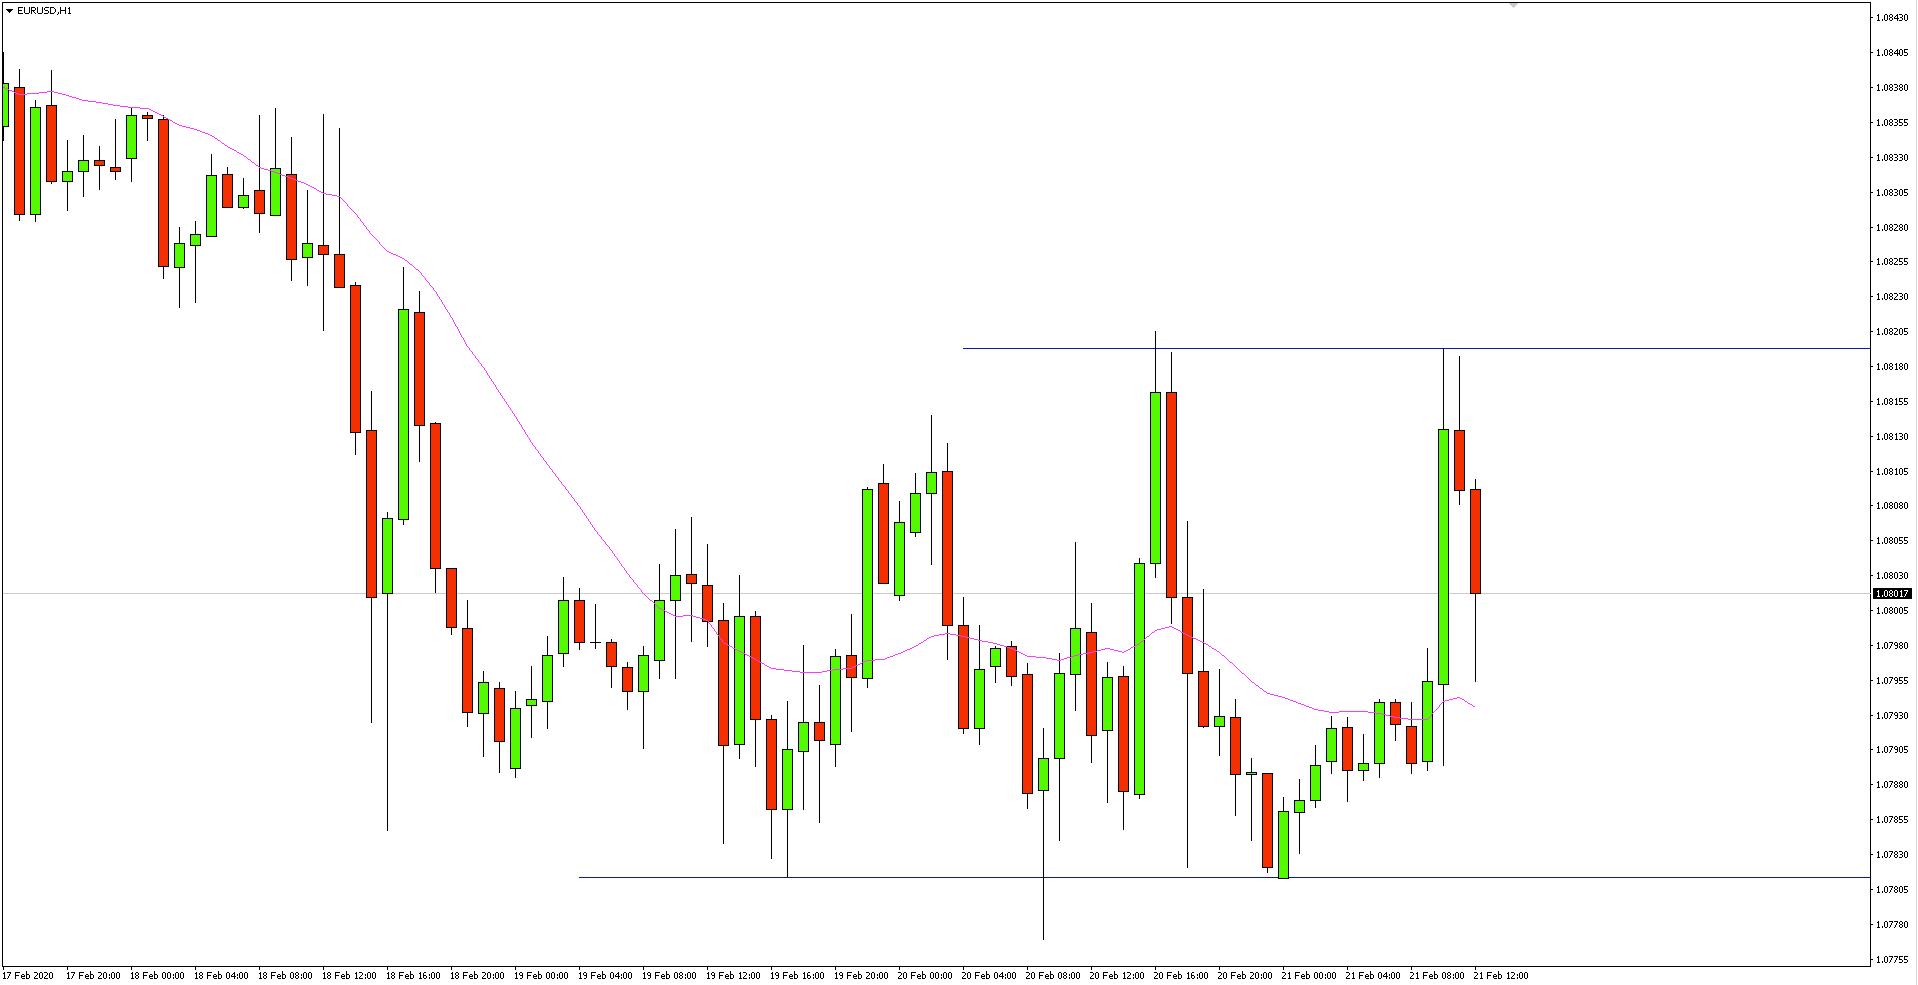 Wykres 1-godzinny pary walutowej EURUSD - 21 lutego 2020 r.